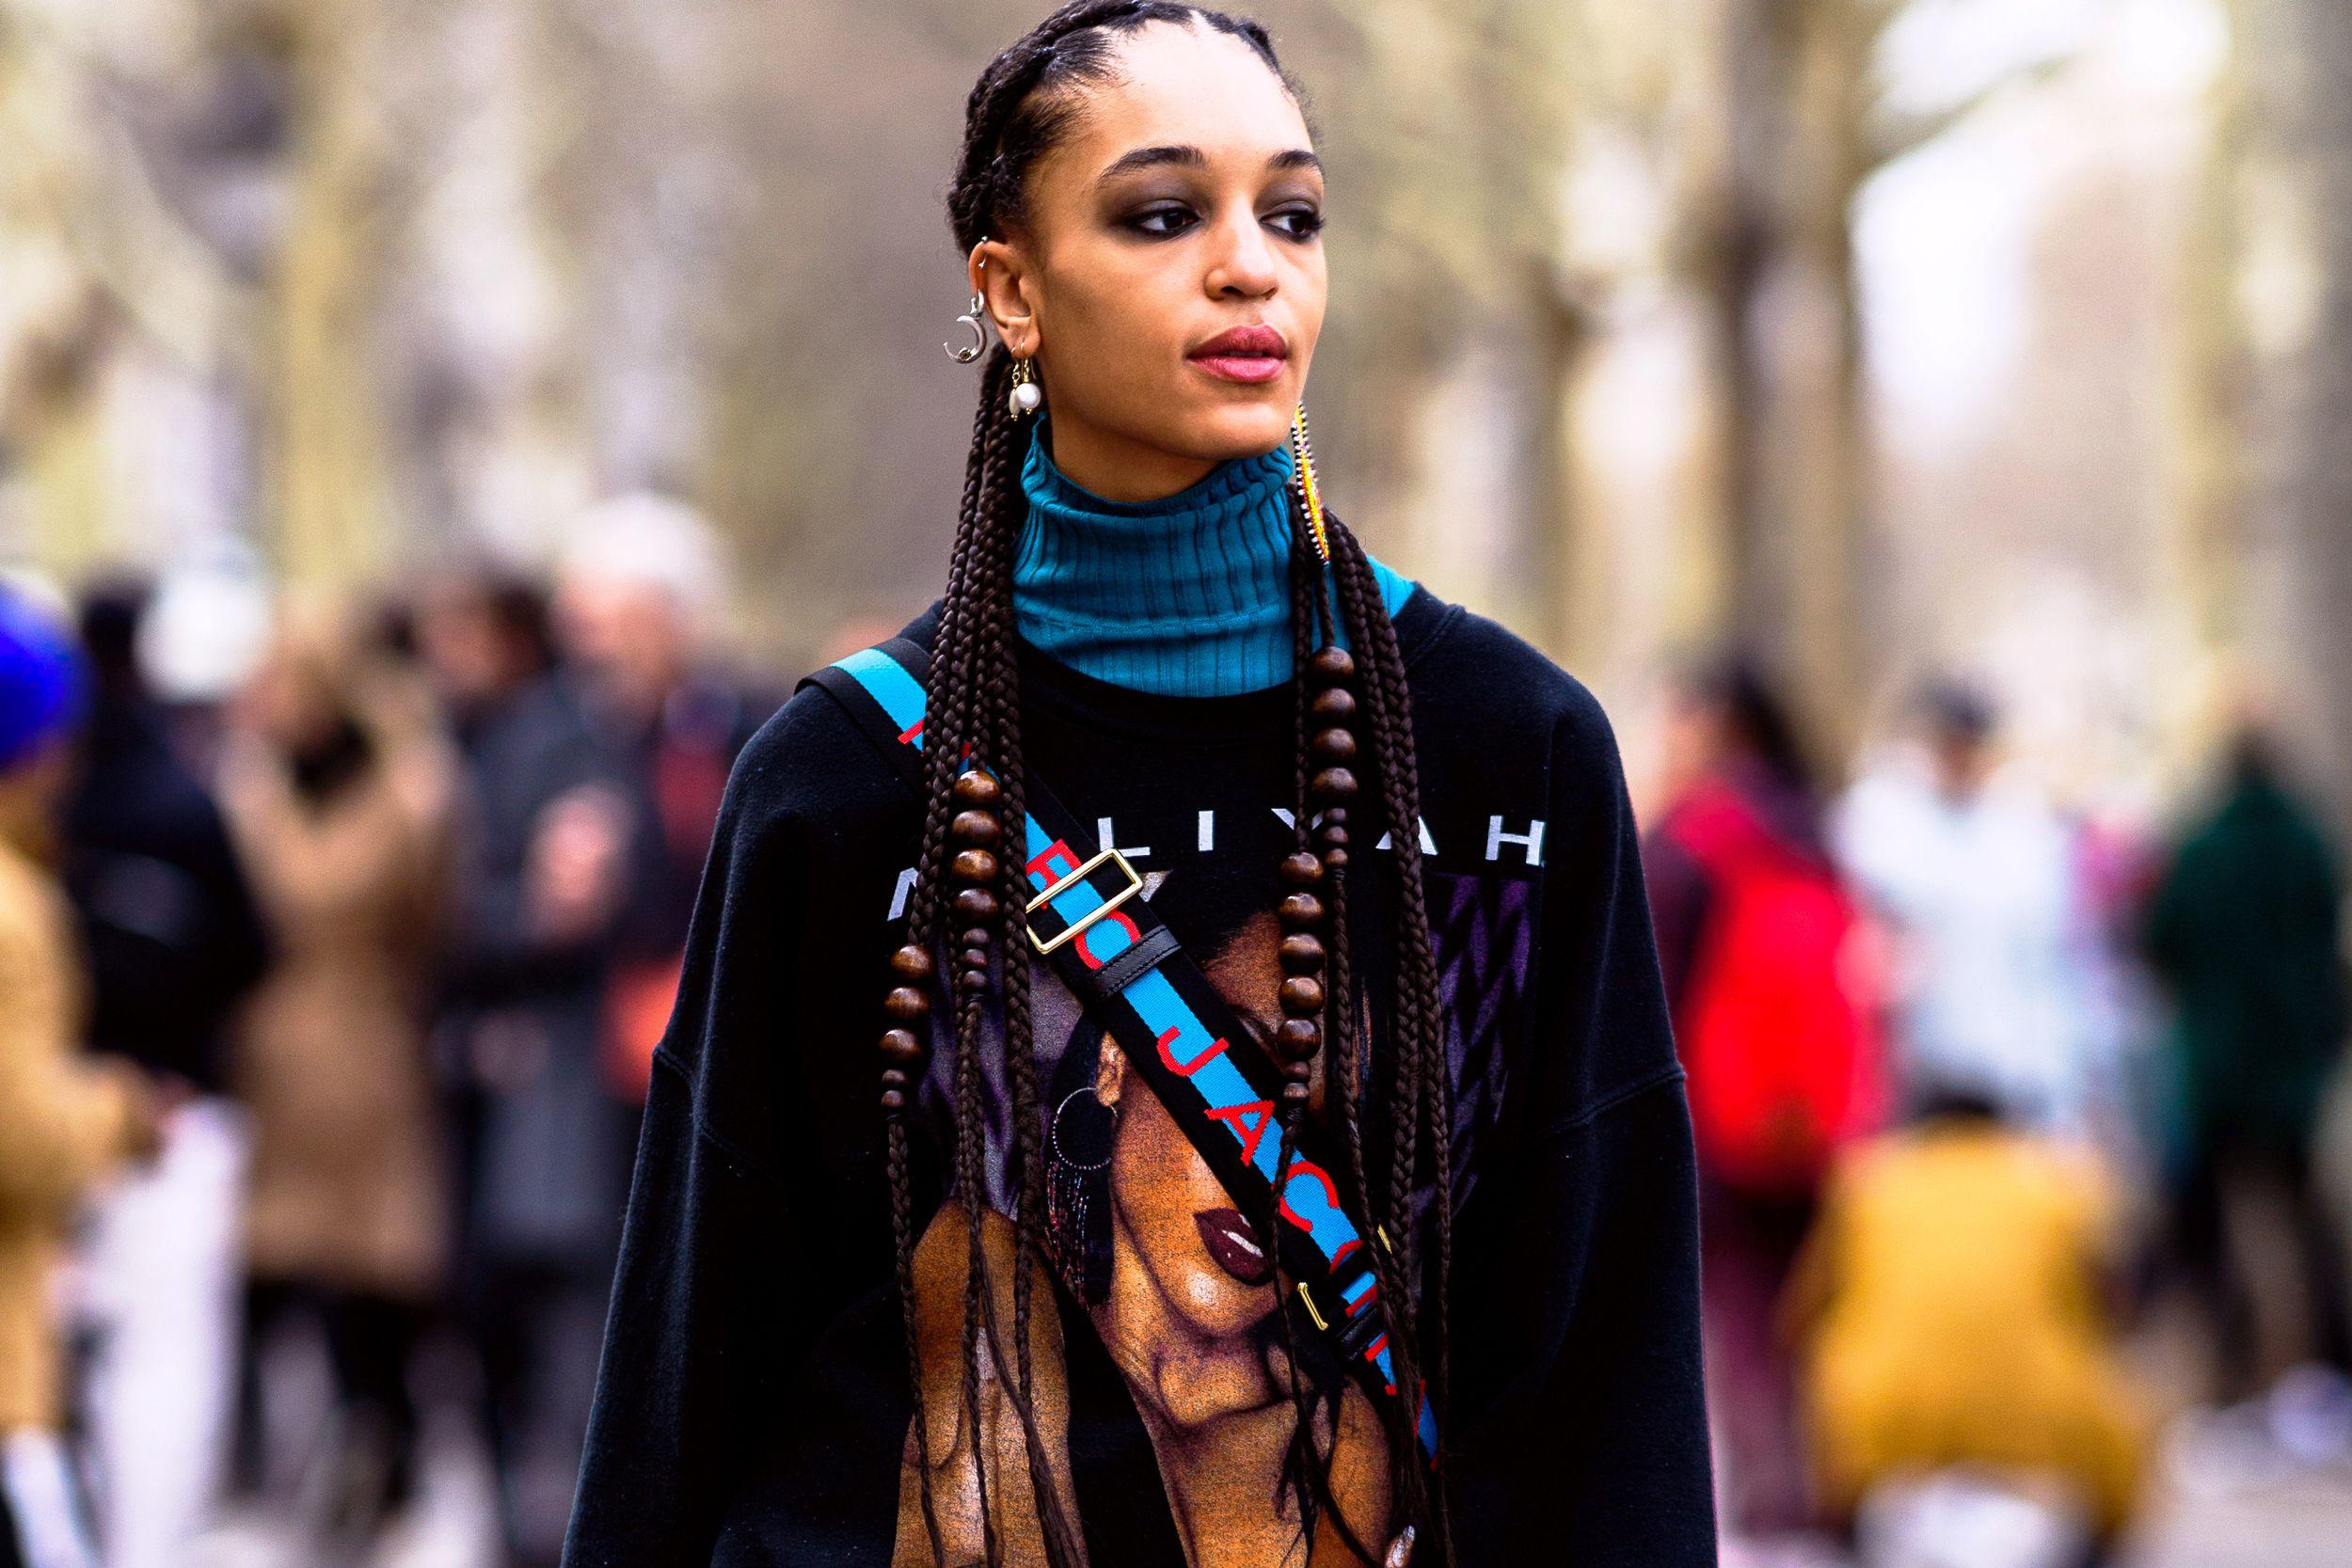 25 Braided Hairstyles for Fall 2019 , Cute Braided